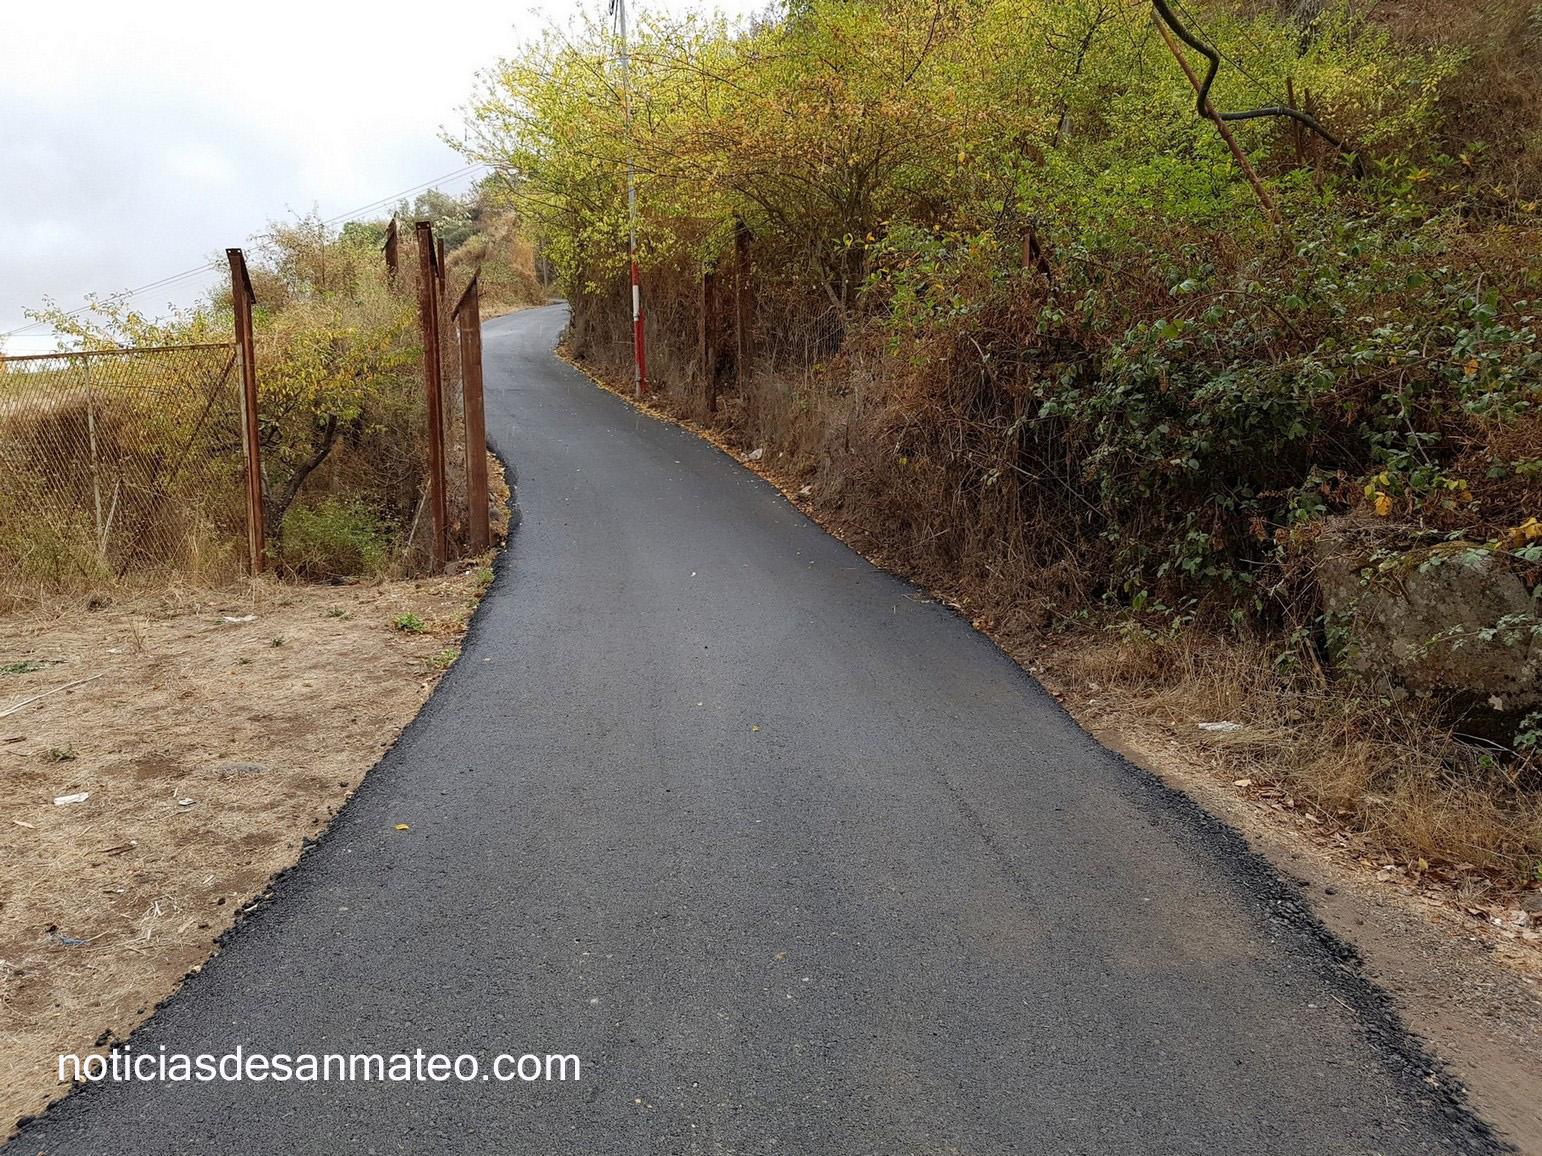 El Caidero asfaltada Oct. 2016 La Lechuza 1